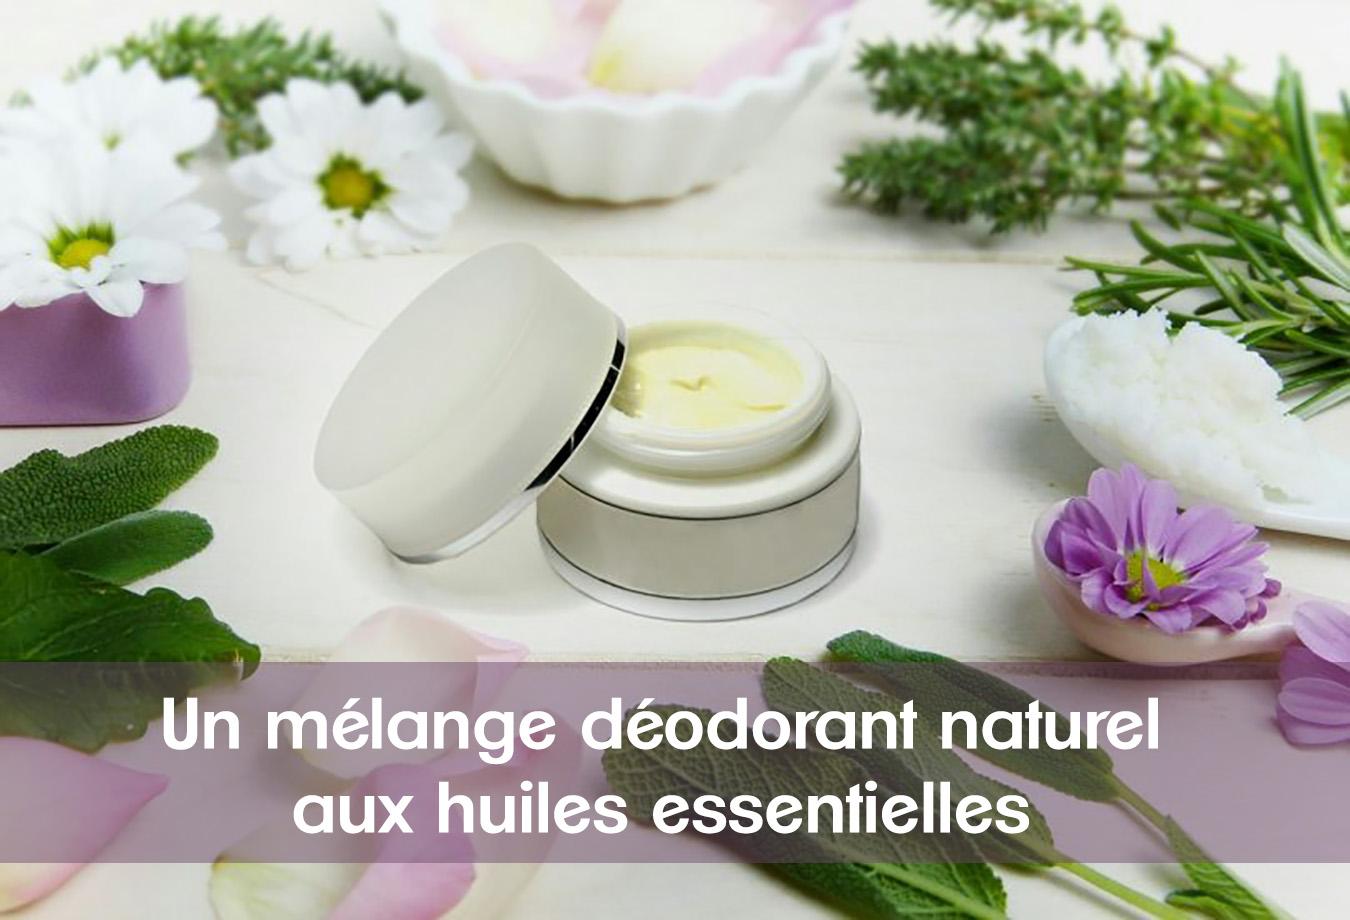 Mélange déodorant naturel aux huiles essentielles